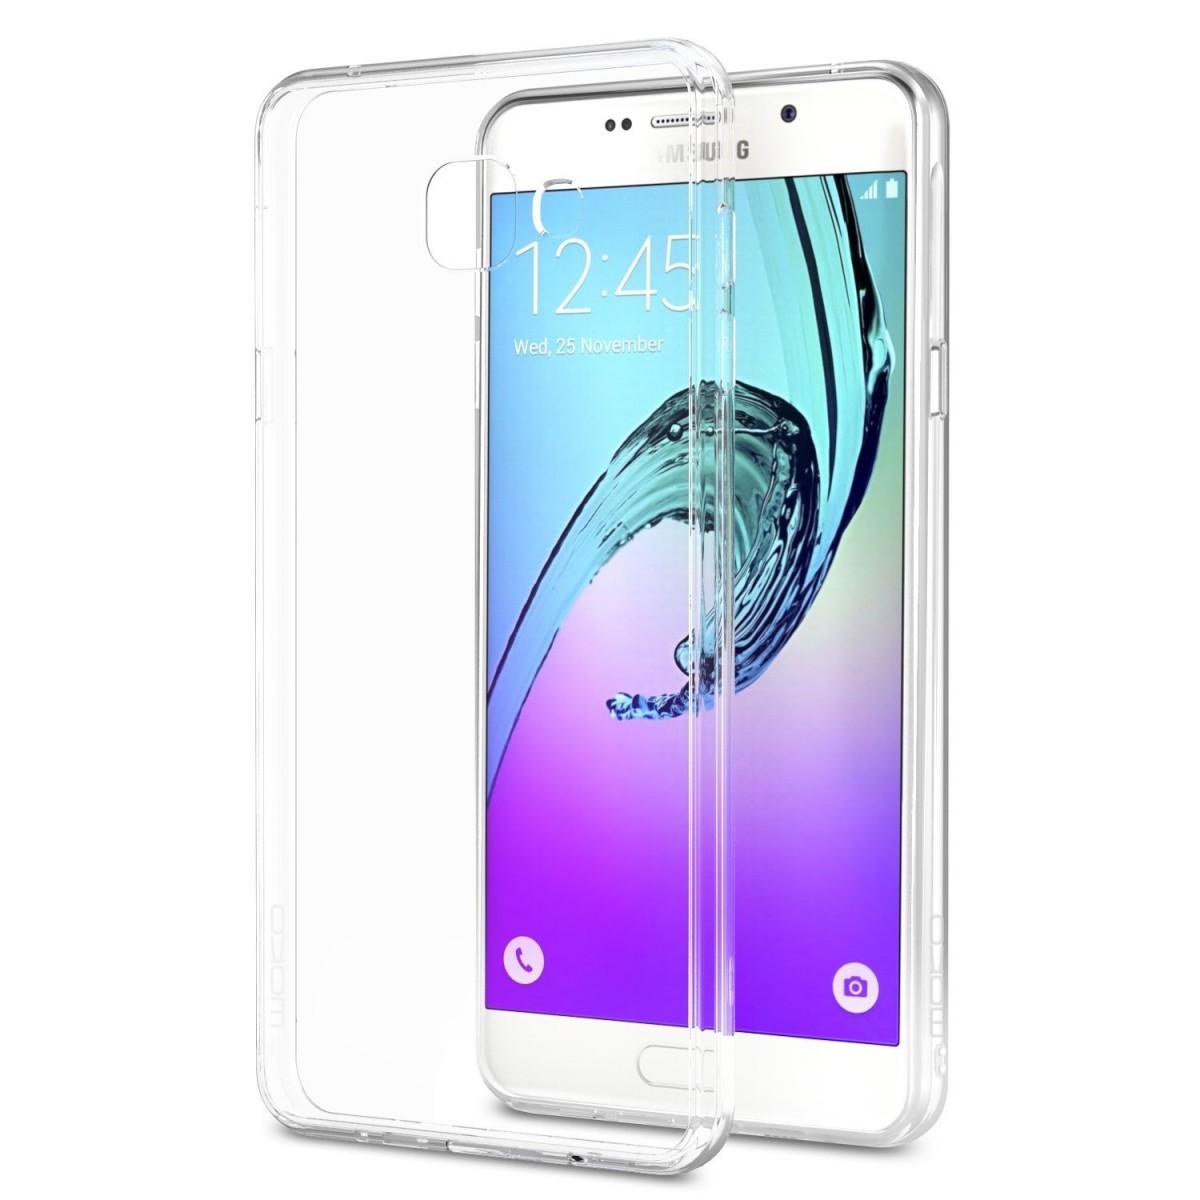 Silikonový obal / kryt Goospery Mercury pro Samsung Galaxy A7 (2016), čirý